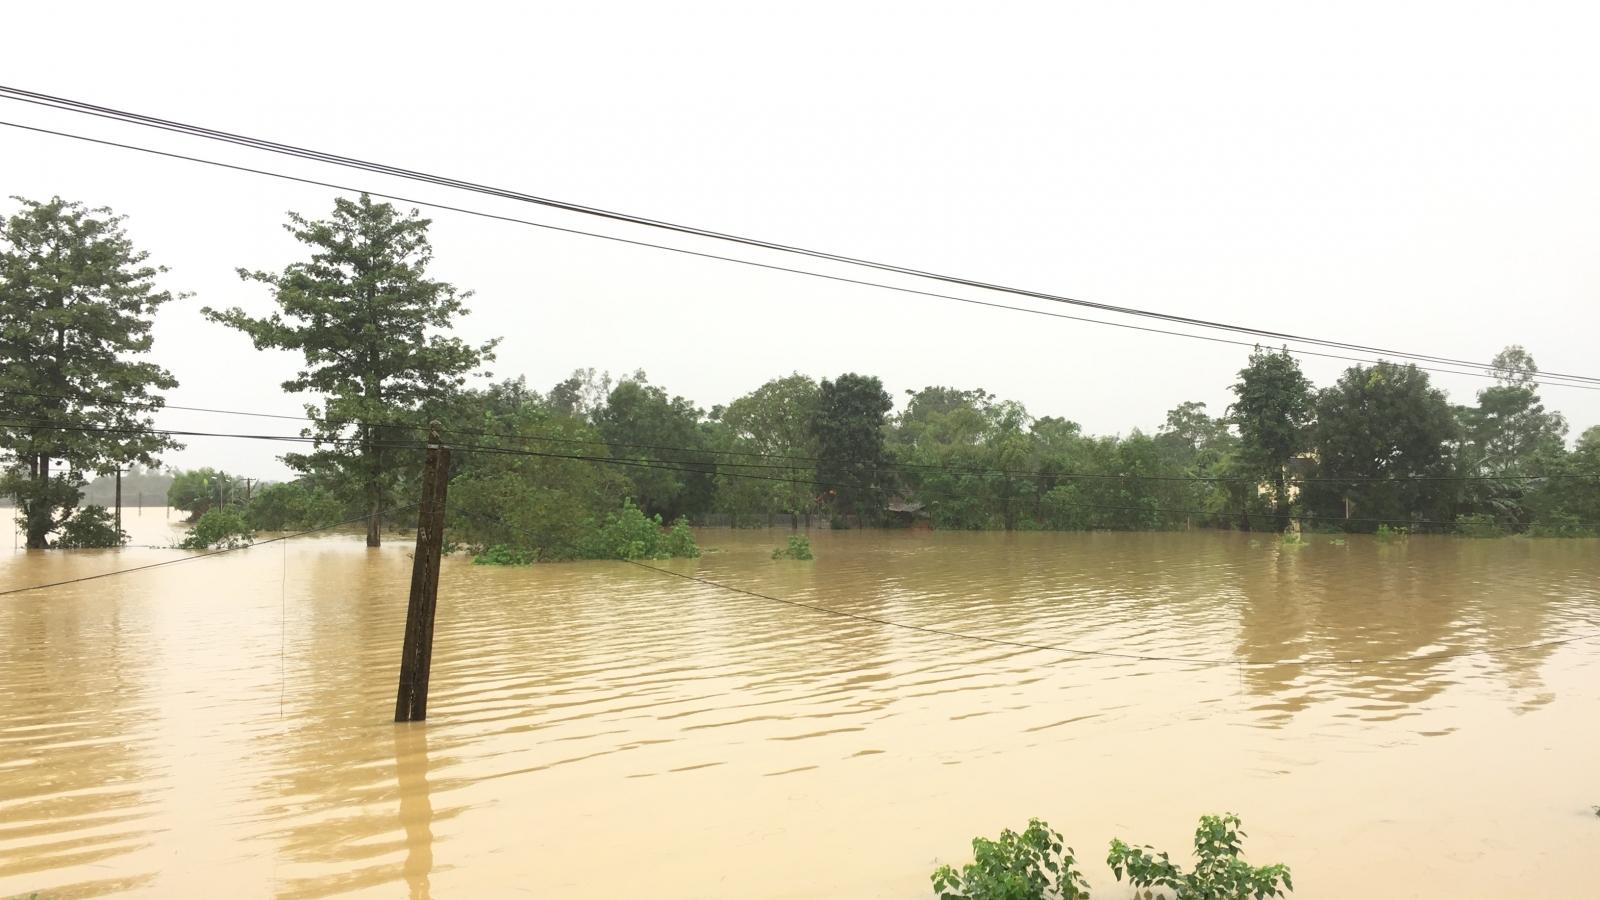 Gần 1.000 hộ dân ở Thanh Chương (Nghệ An) bị nước lũ cô lập